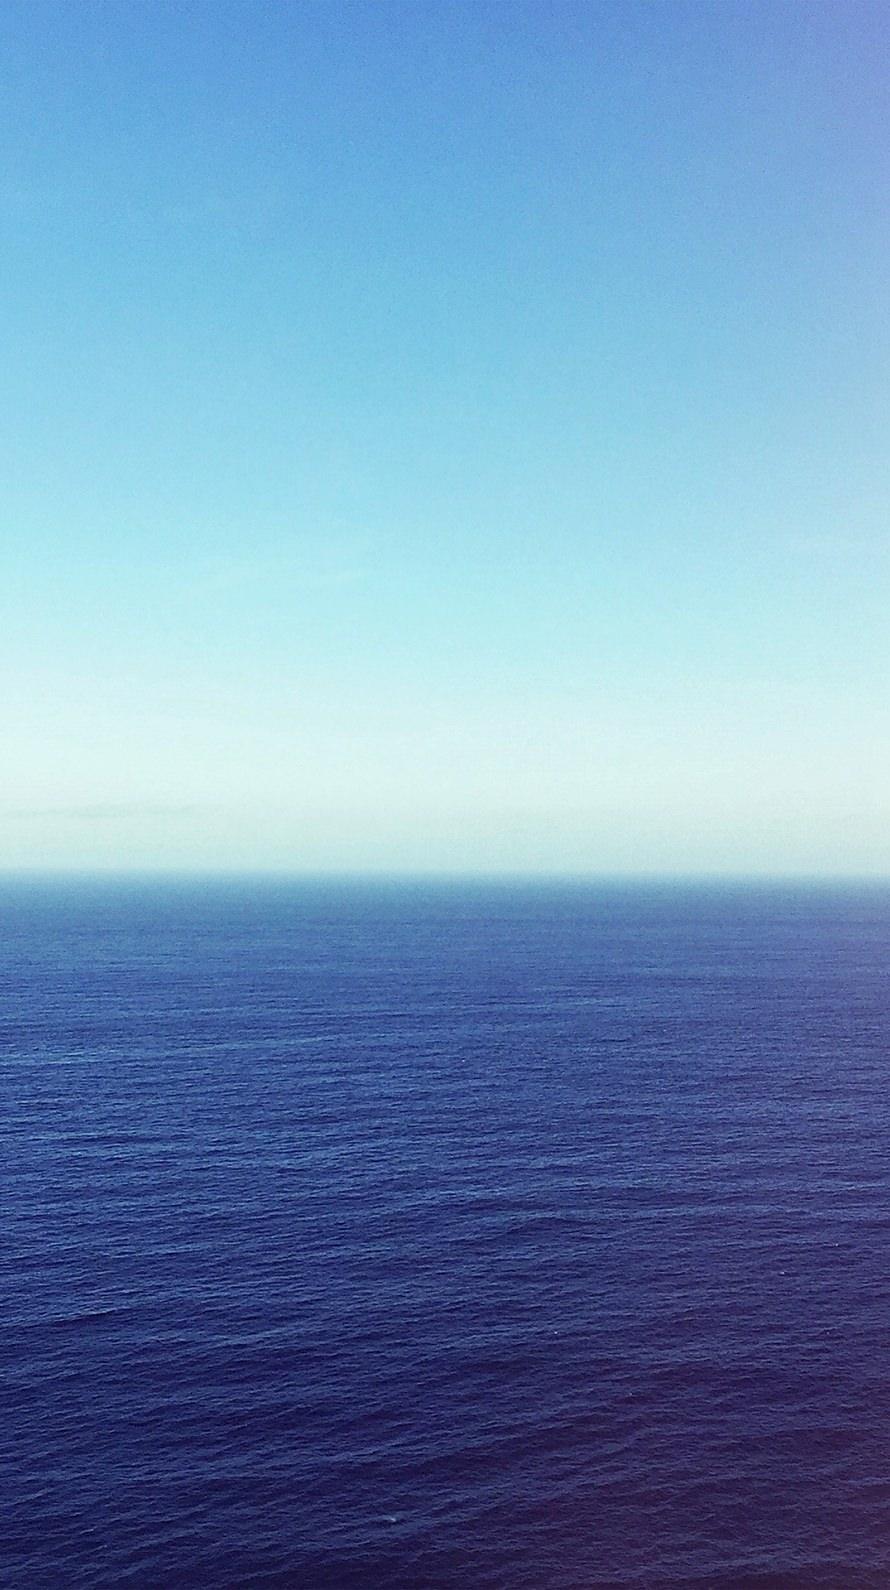 静かな海 凪 iPhone6壁紙